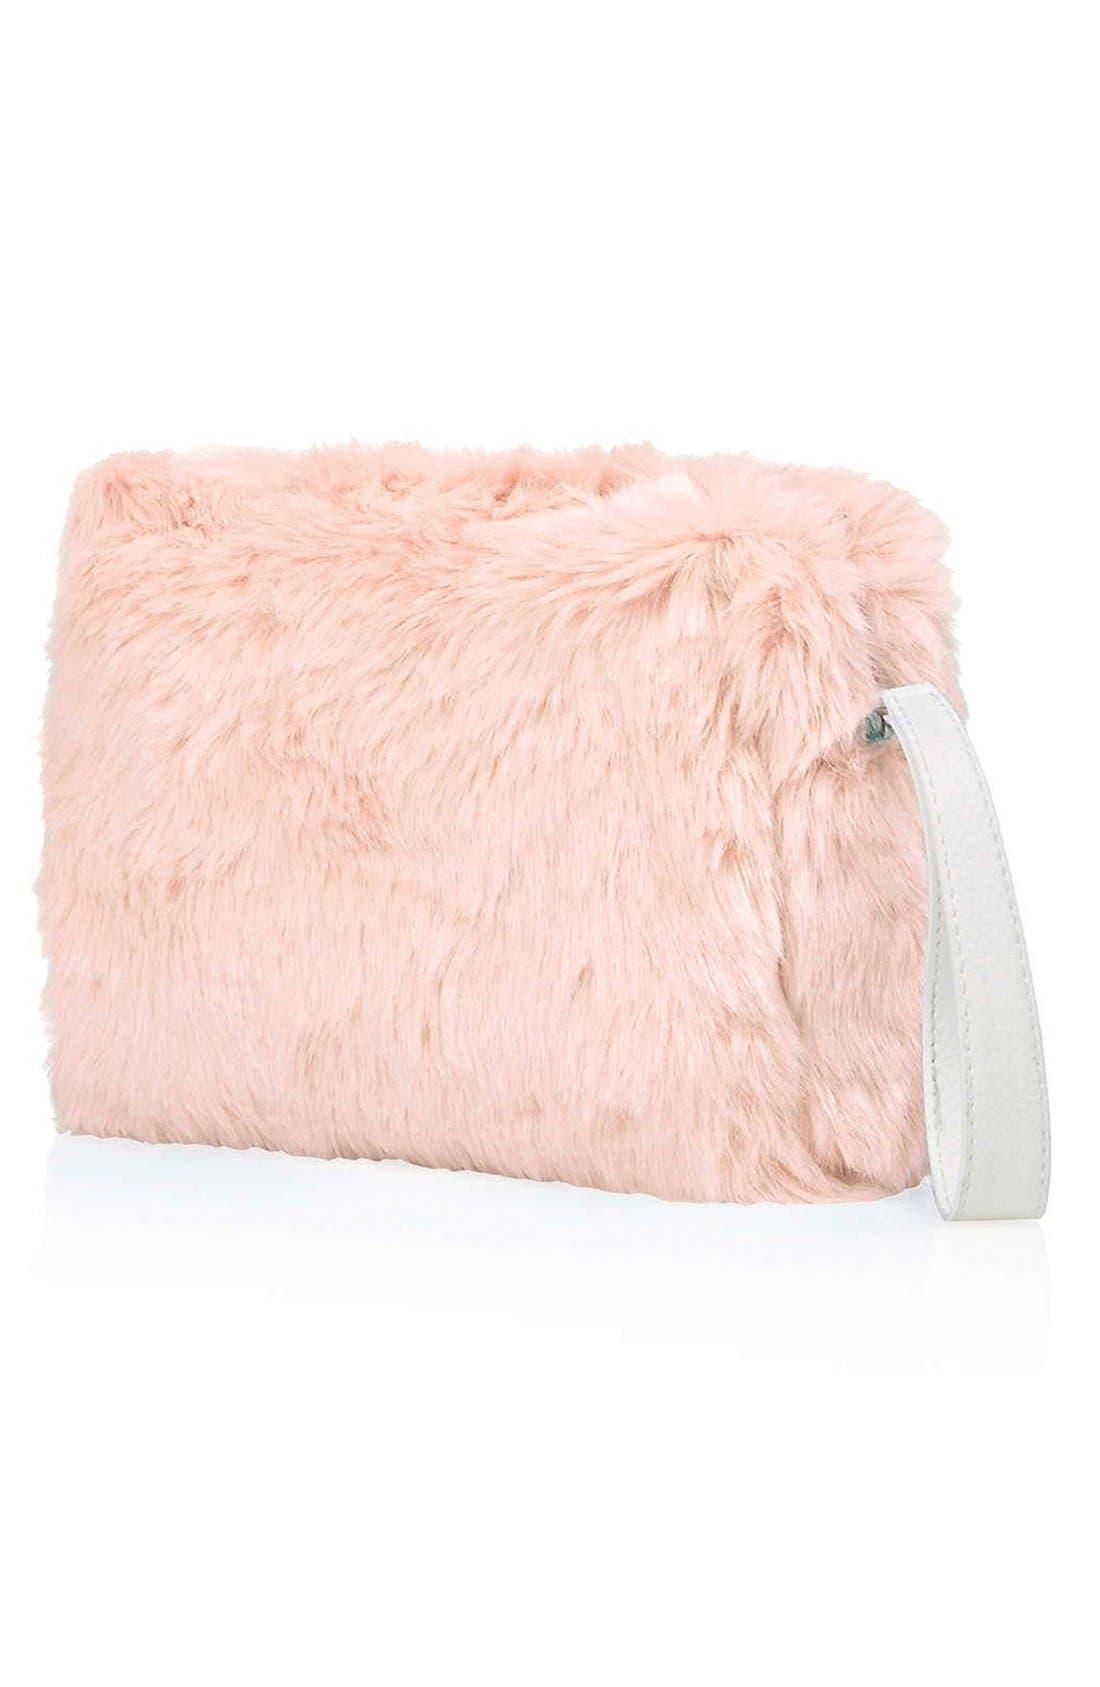 Alternate Image 3  - Topshop Faux Fur Clutch